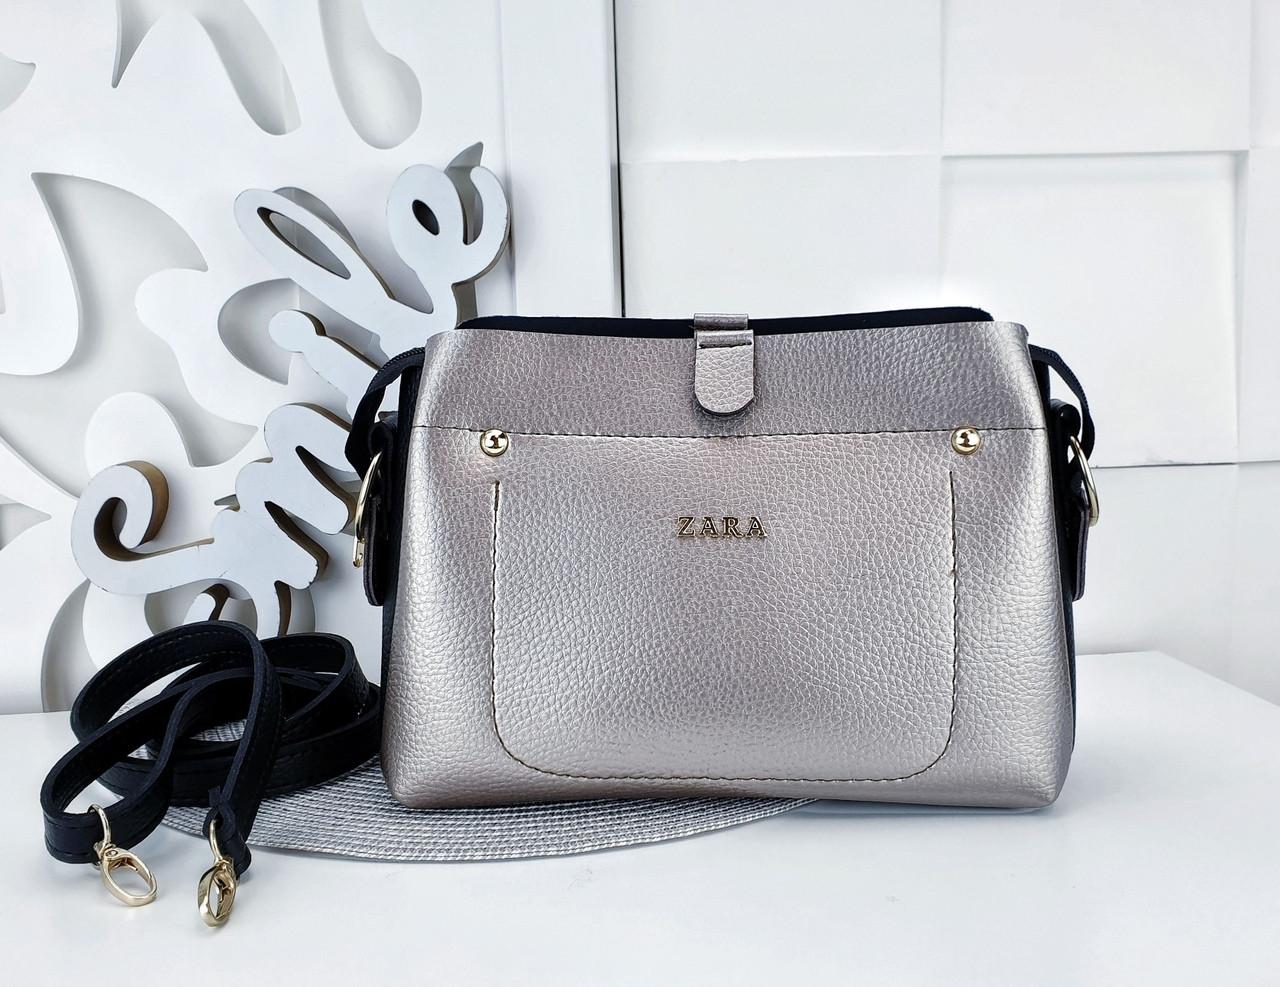 0b7a40746765 Женская сумка-клатч в бронзовом с золотой фурнитурой Zara (копия ...